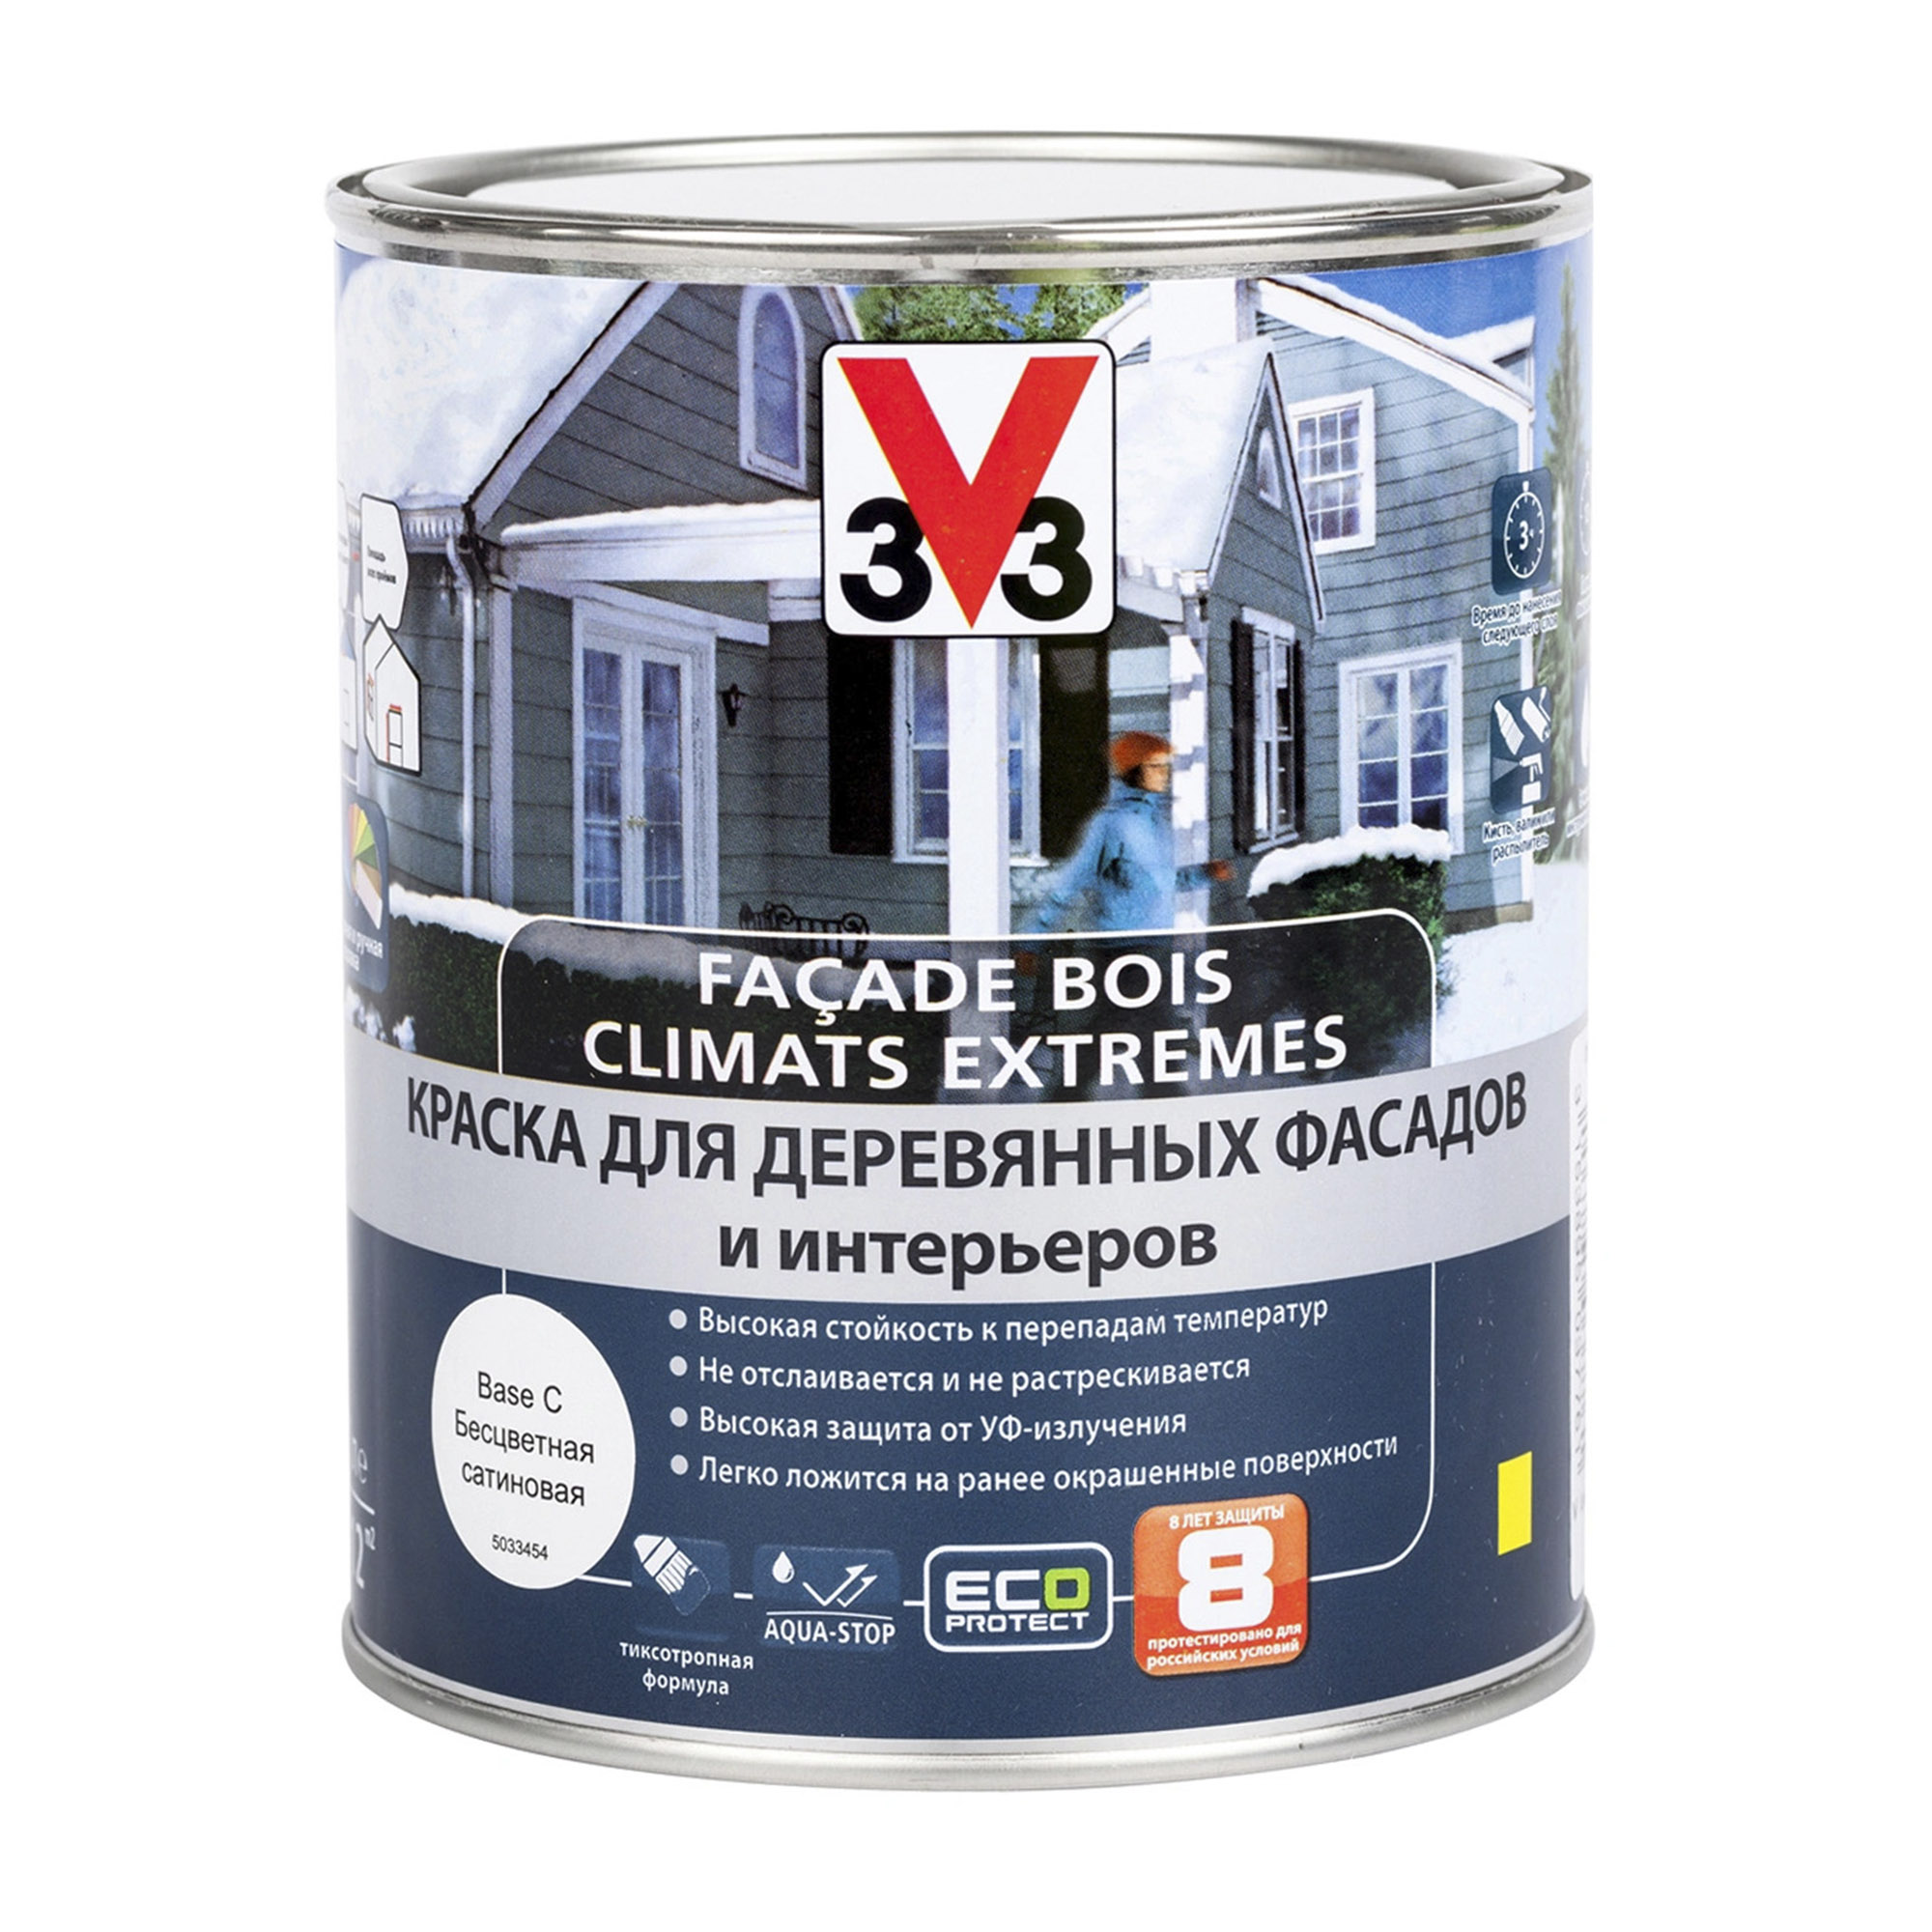 Краска V33 Facade Bois Climats Extremes для деревянных фасадов и интерьеров База С 9 л